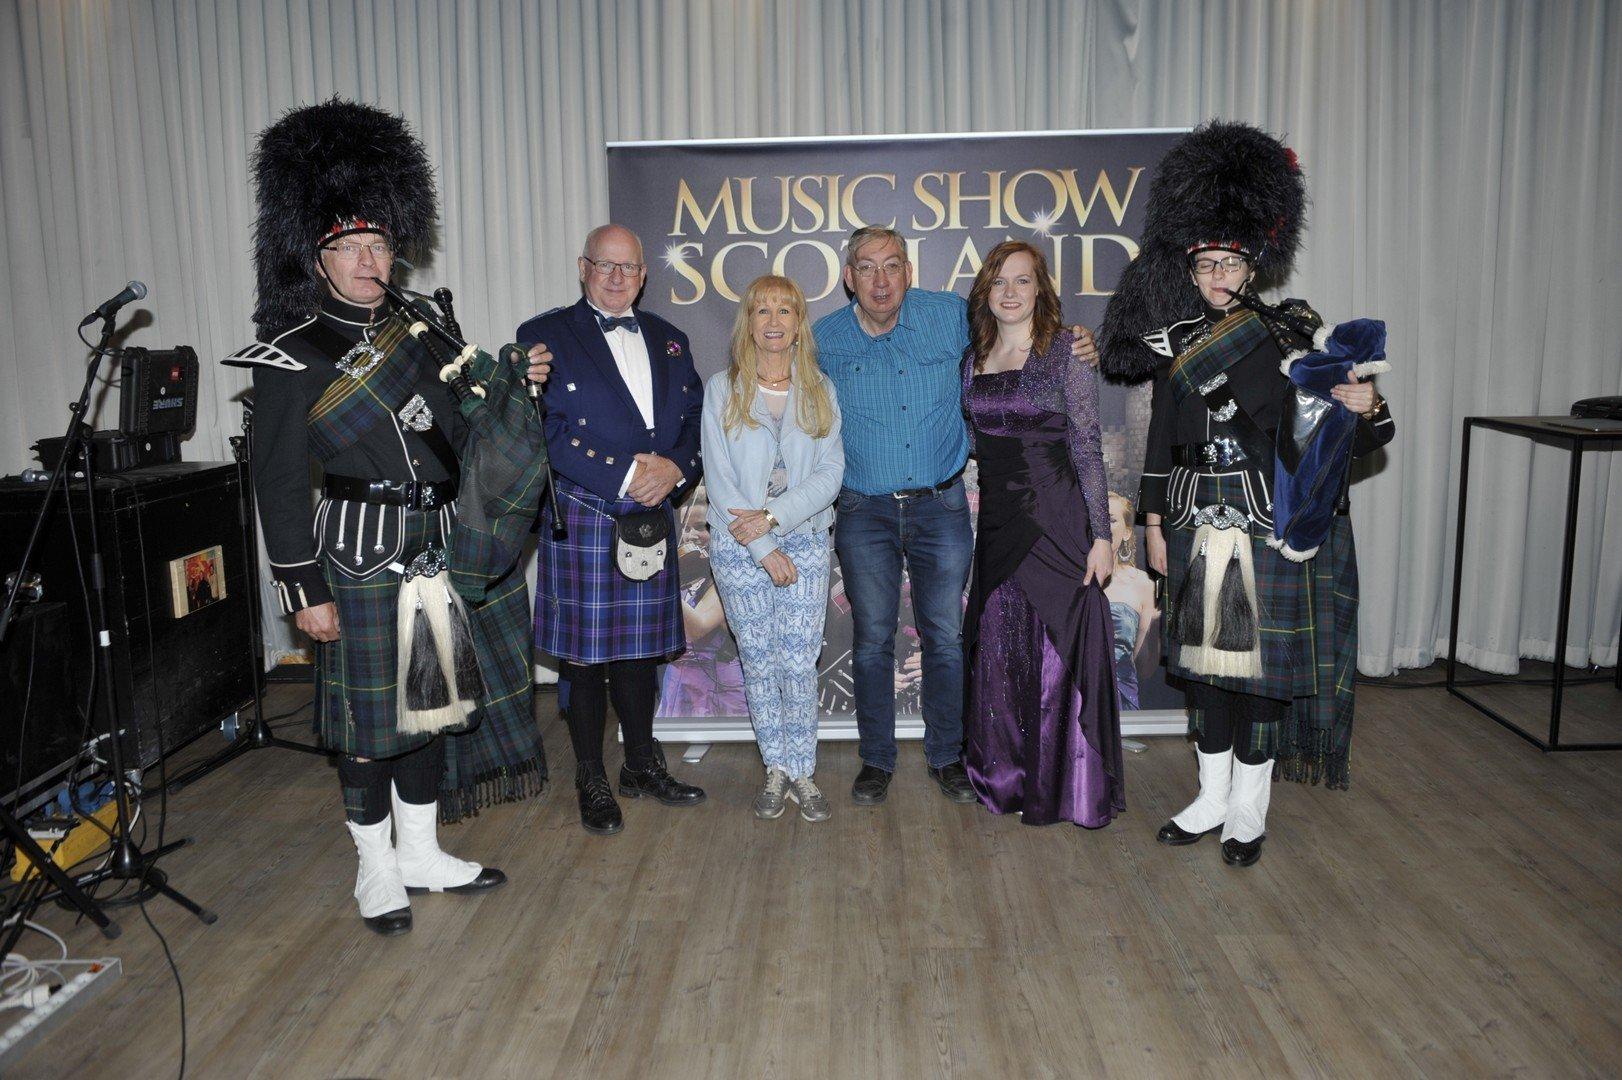 Micha Marah warmt op voor Music Show Scotland - Music Show Scoland met mezelf